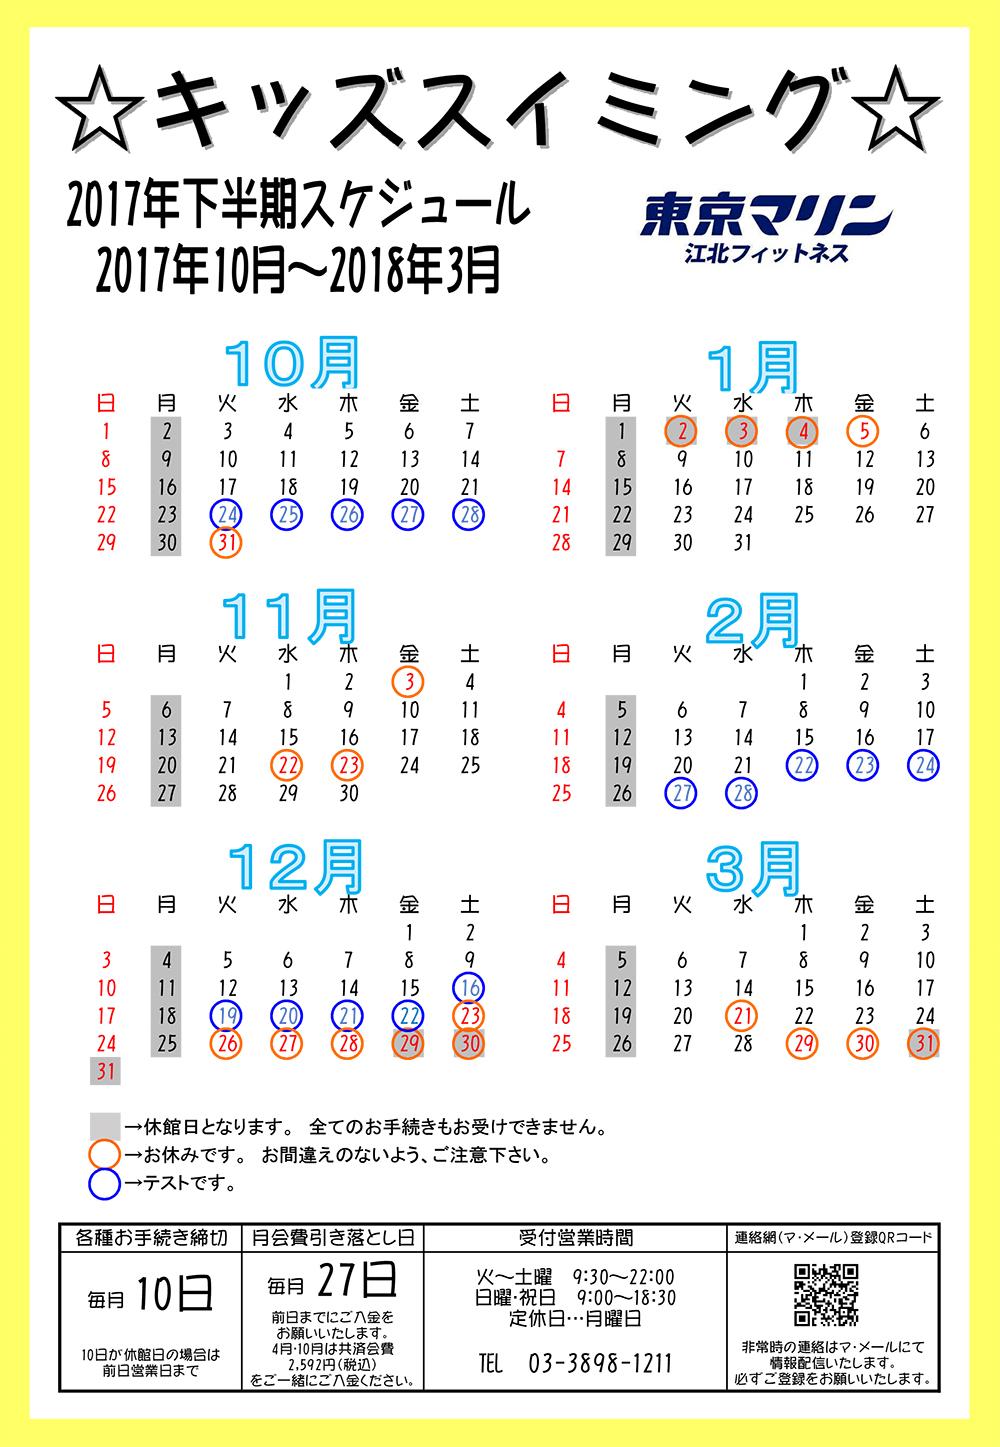 「2017年度下半期スケジュール」掲載!!